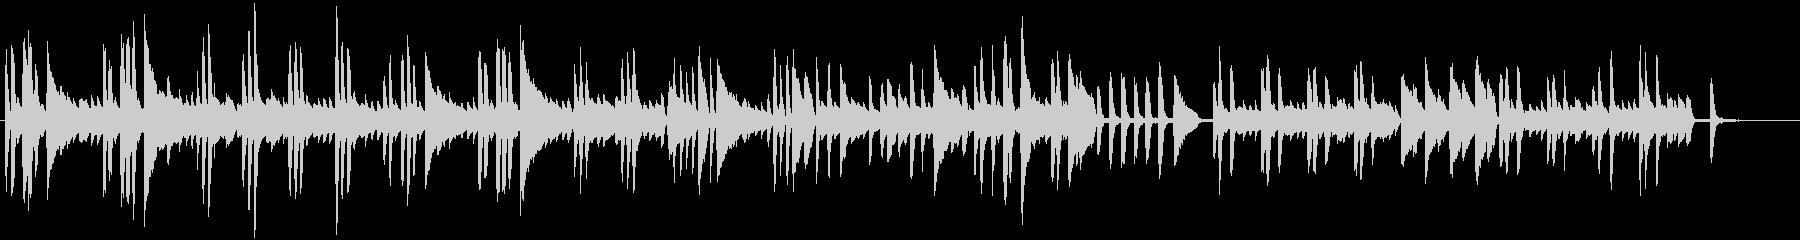 リズミカルなピアノBGMの未再生の波形